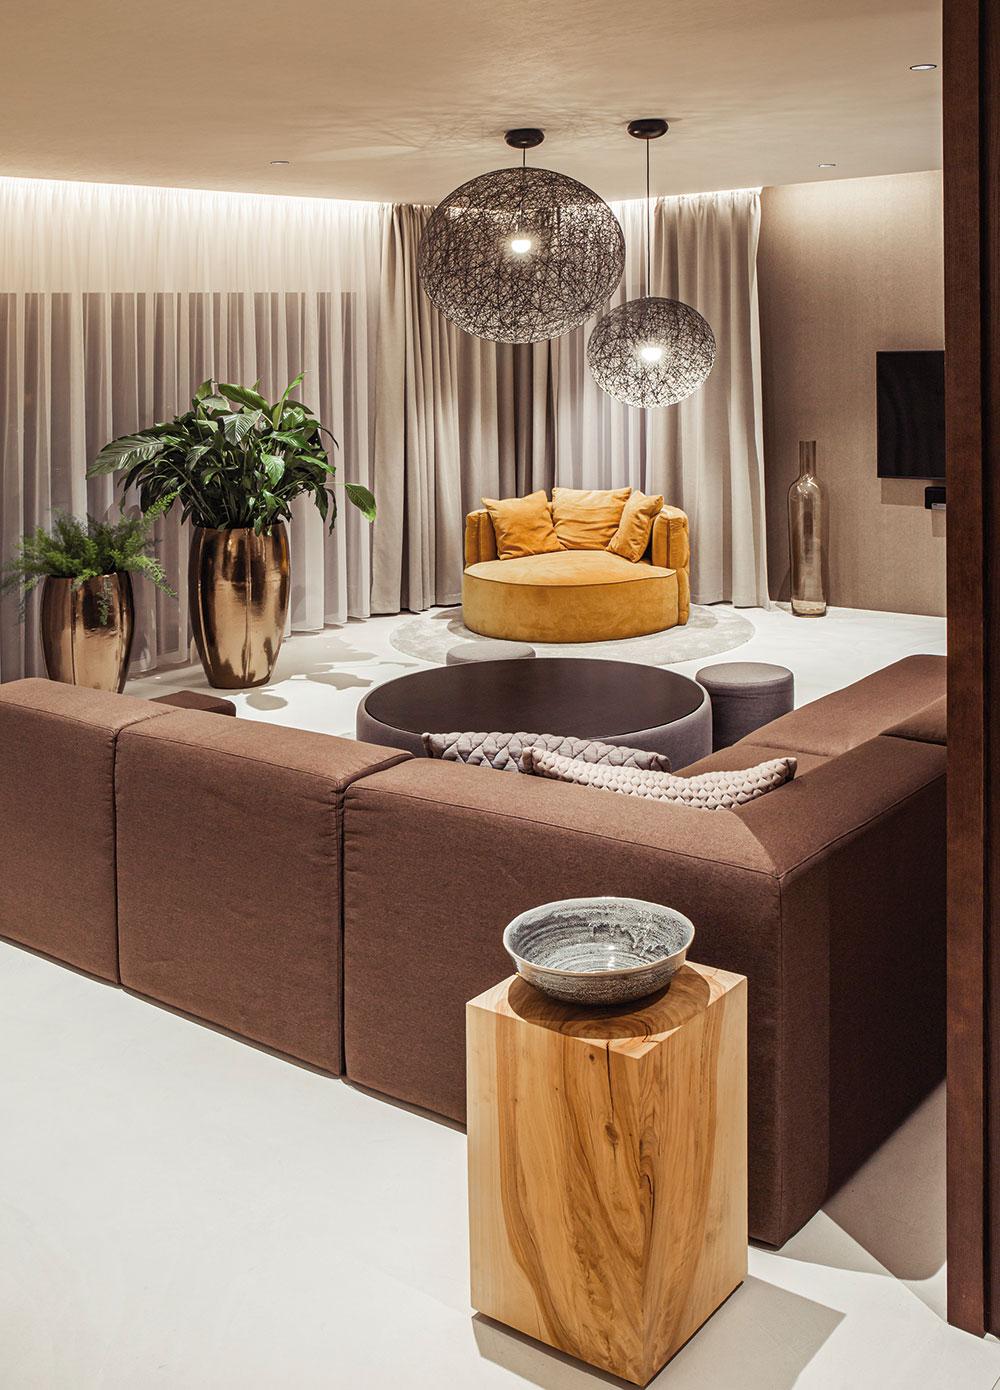 Pohovka v obývacej izbe je vyrobená na mieru